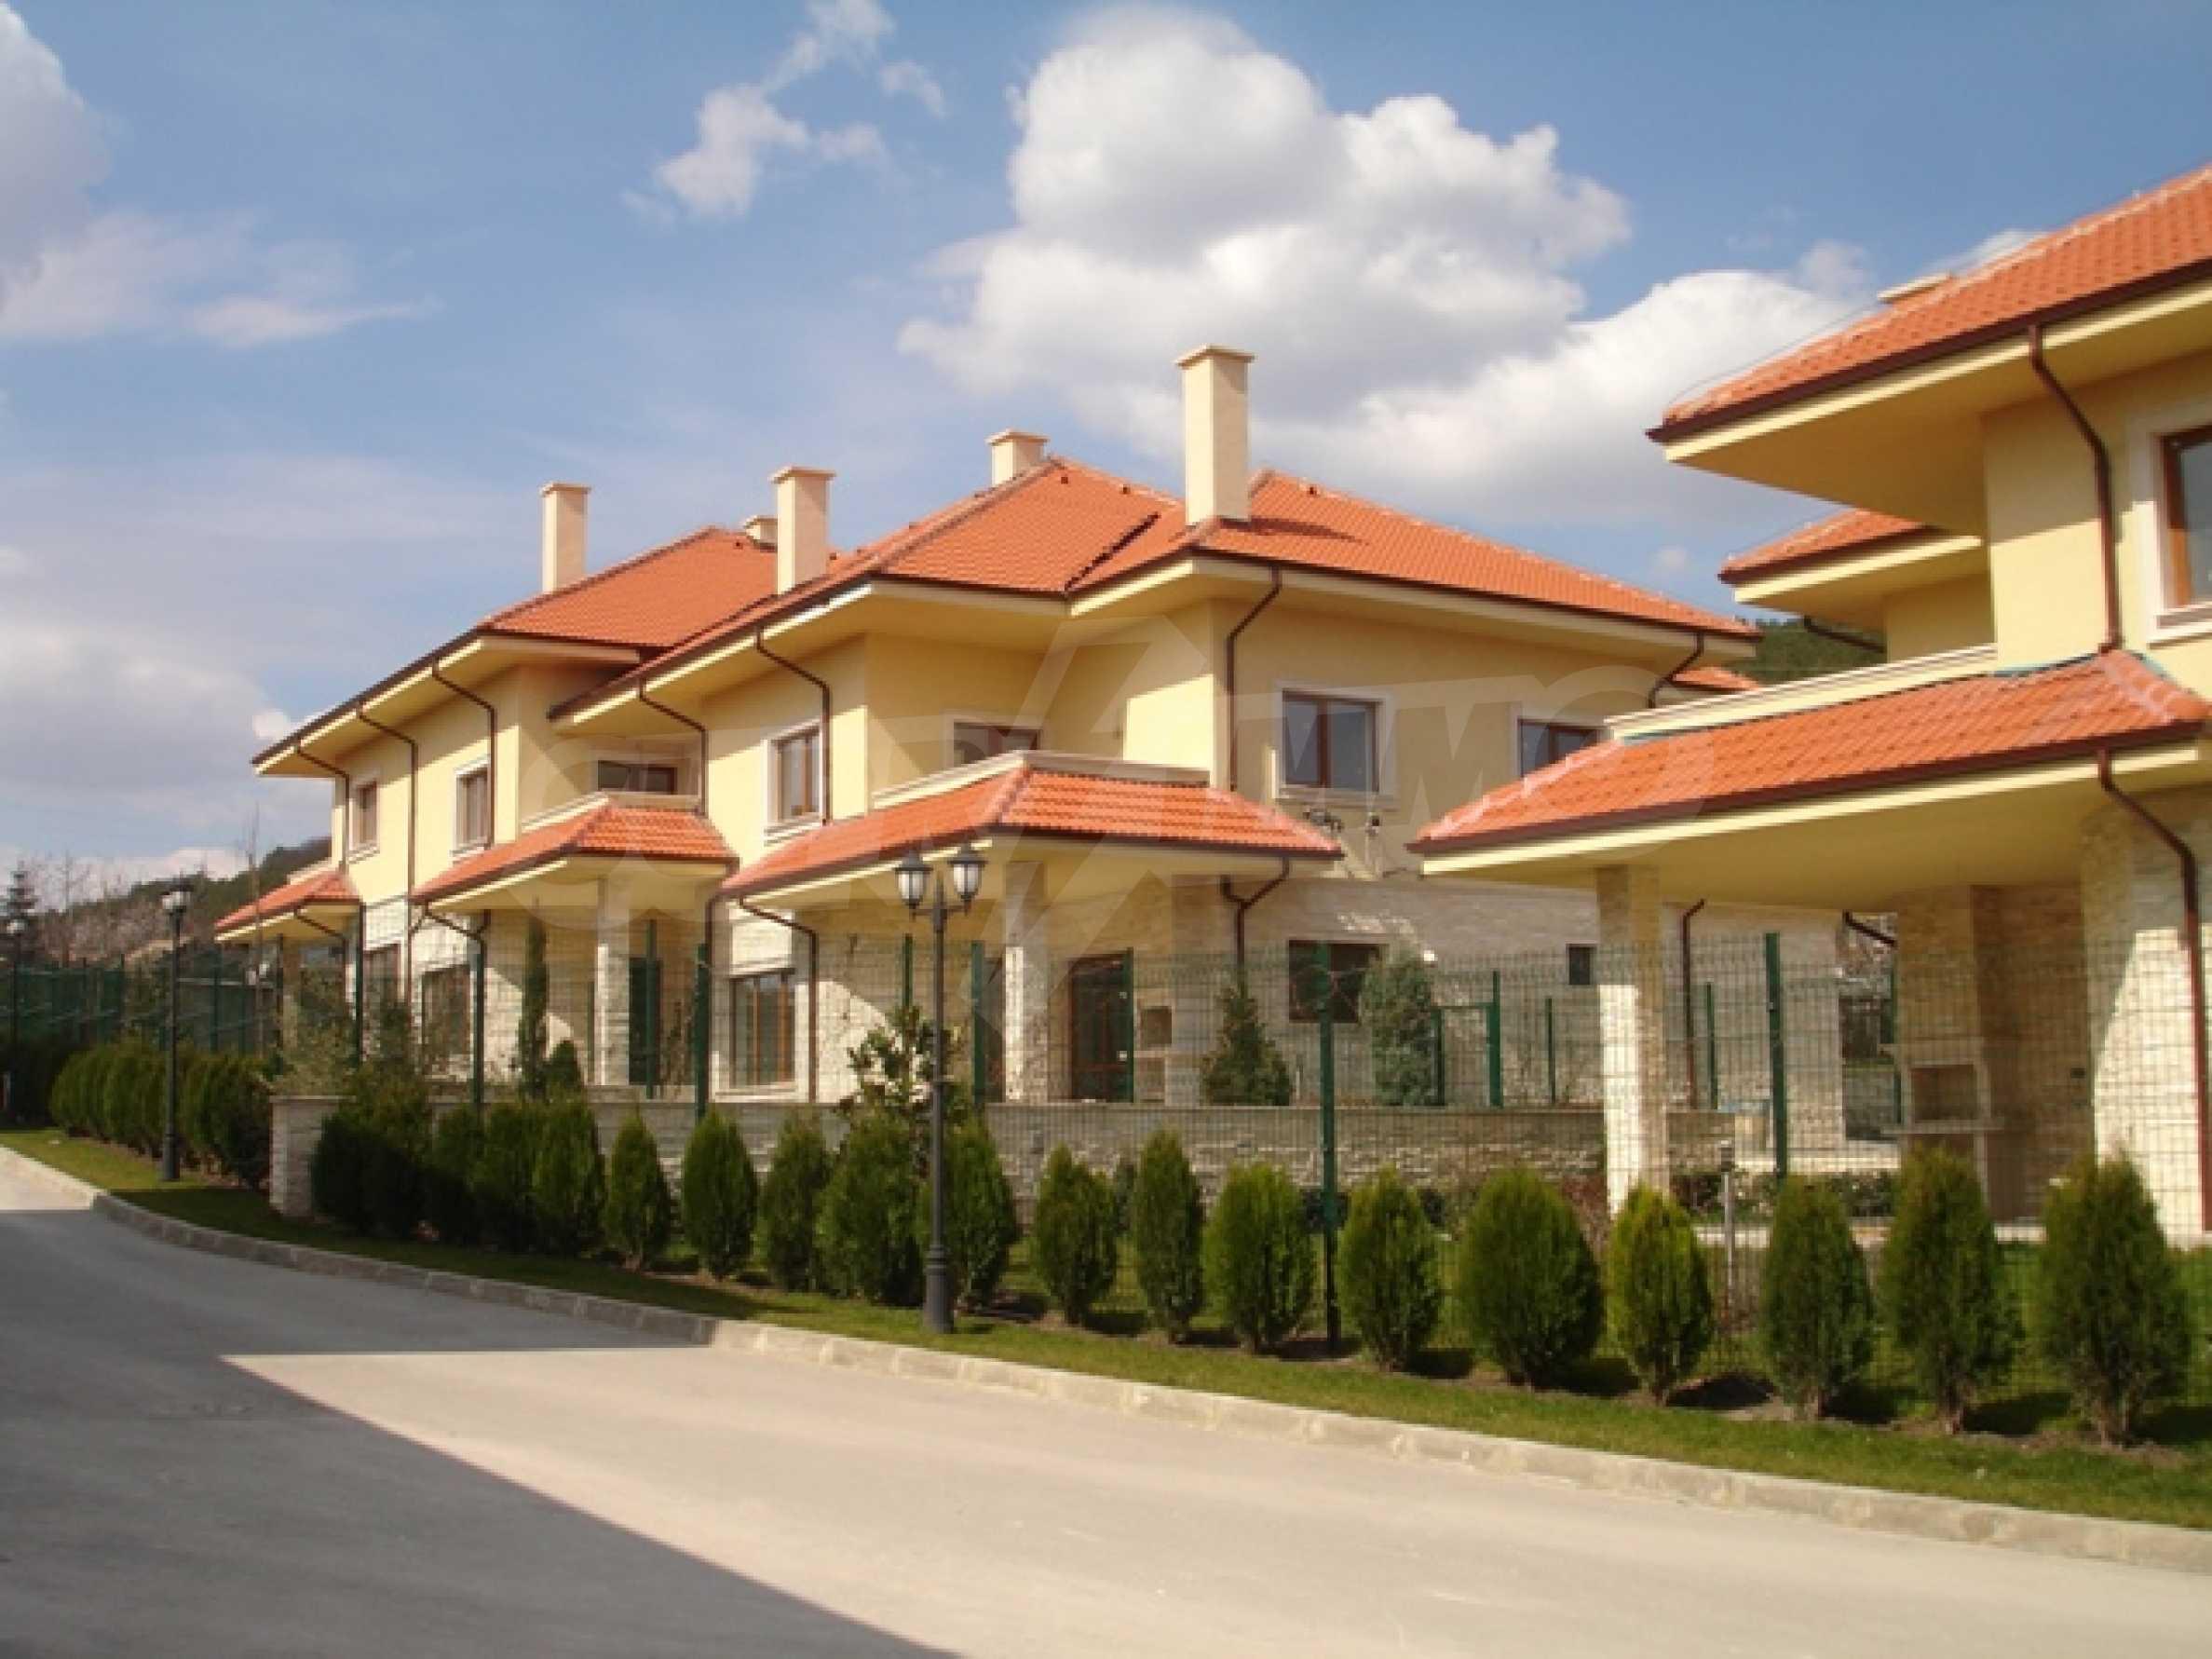 Еднофамилни двуетажни къщи в живописна зона между Варна и Златни пясъци 1